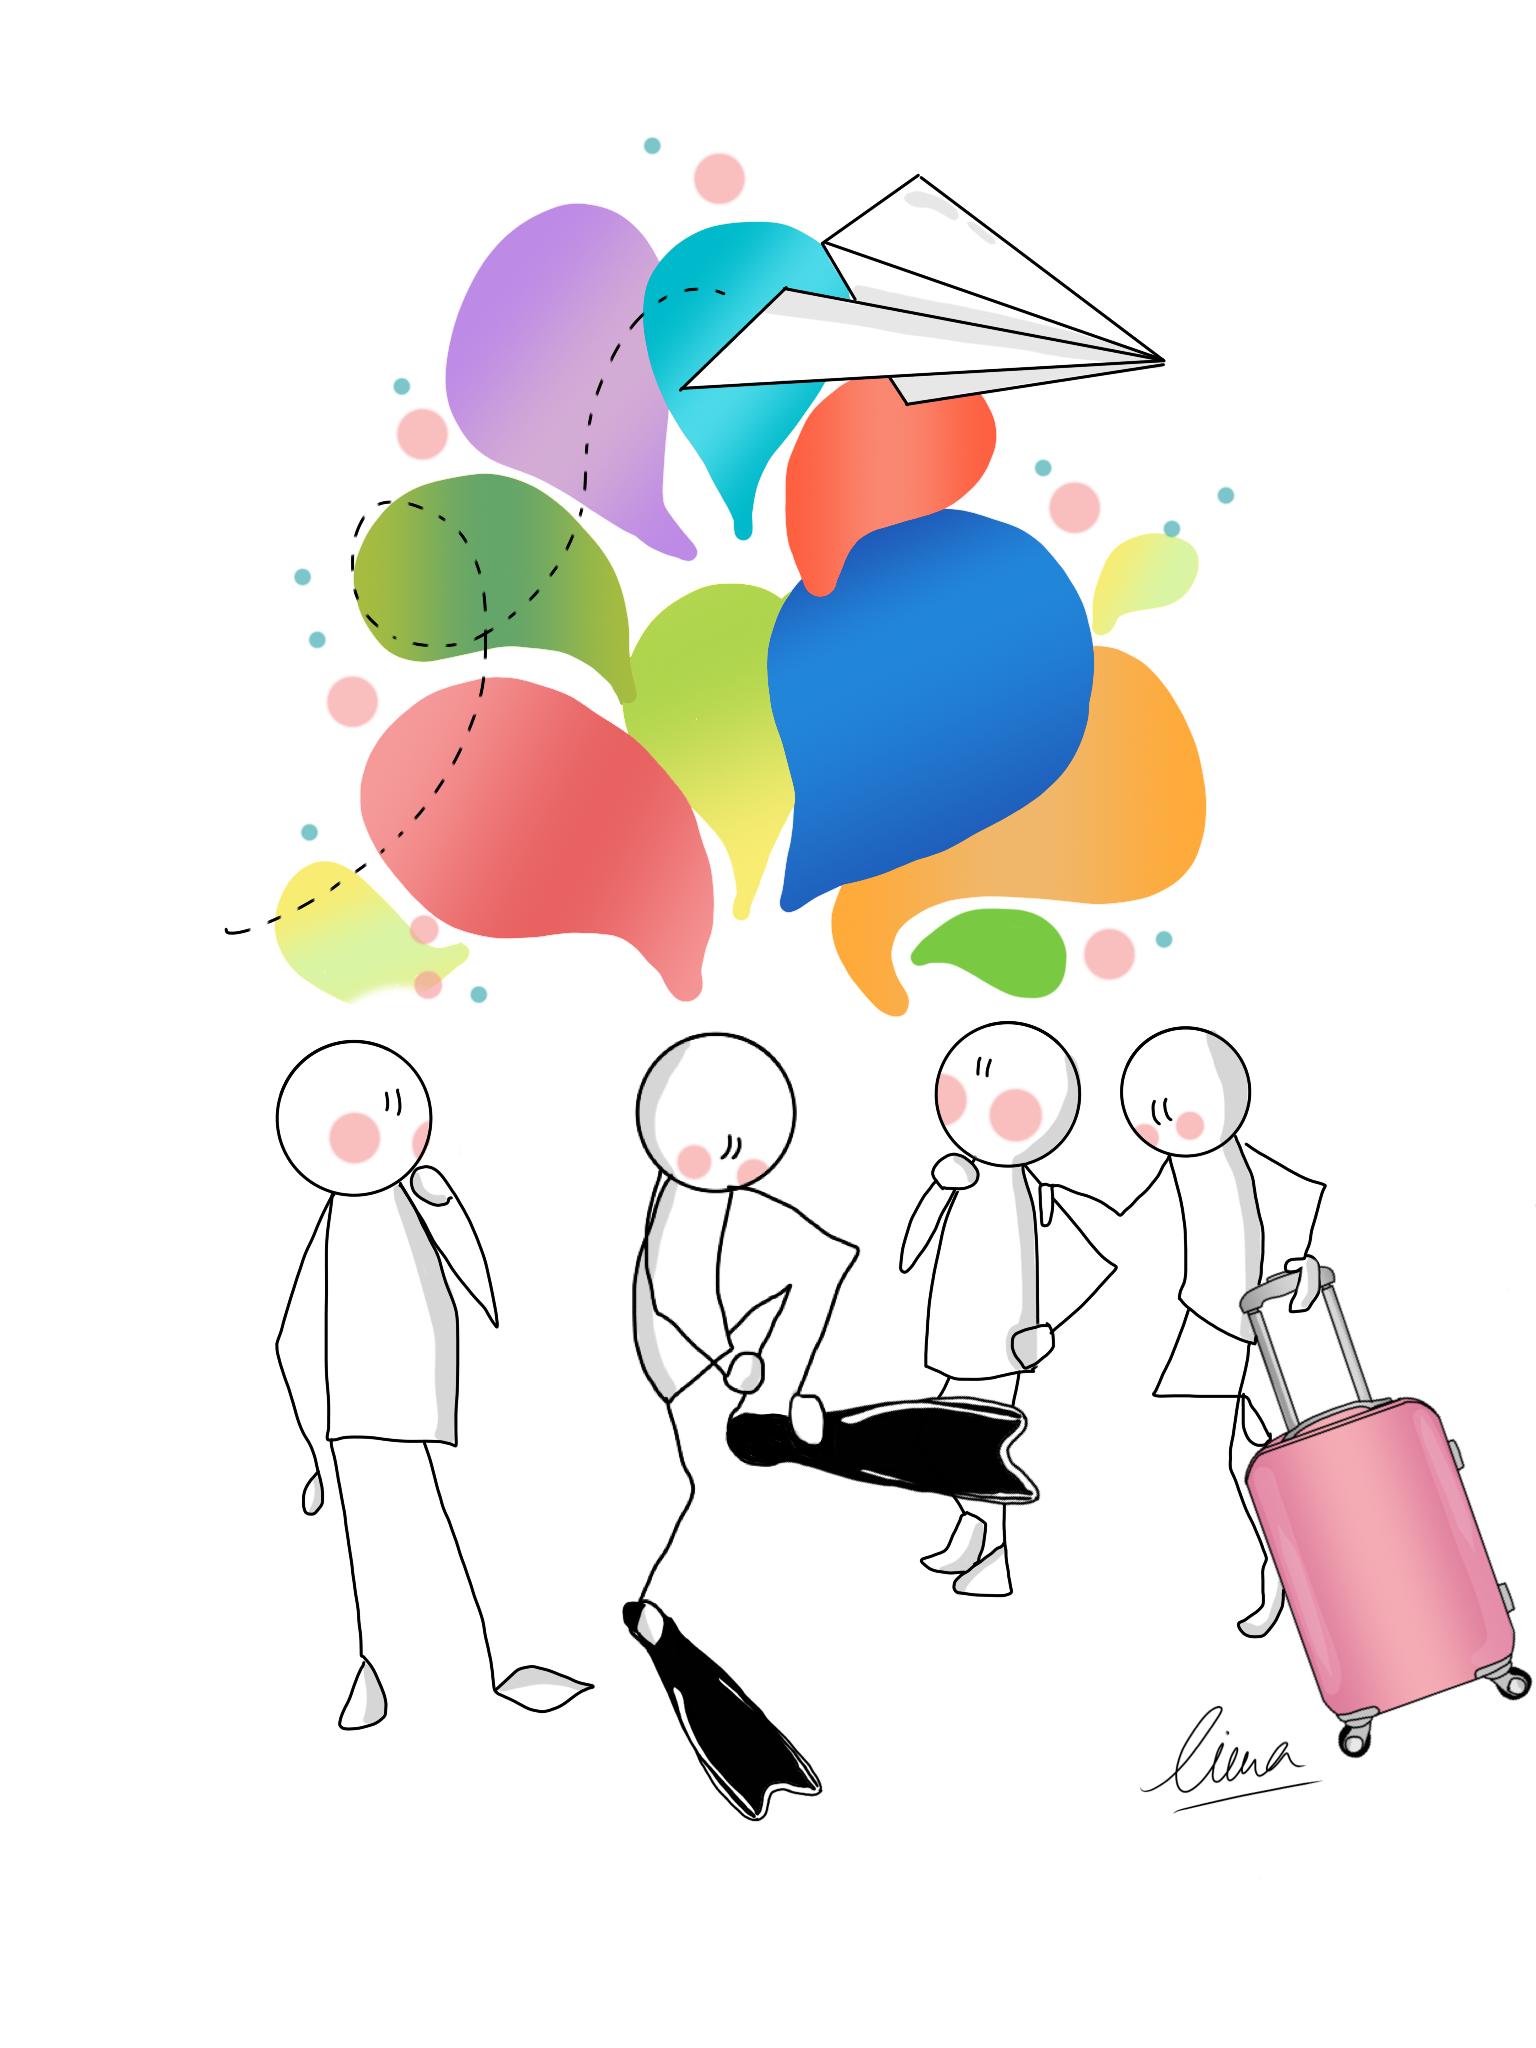 Las seis caras de un dado - Tocamates - matemáticas y creatividad